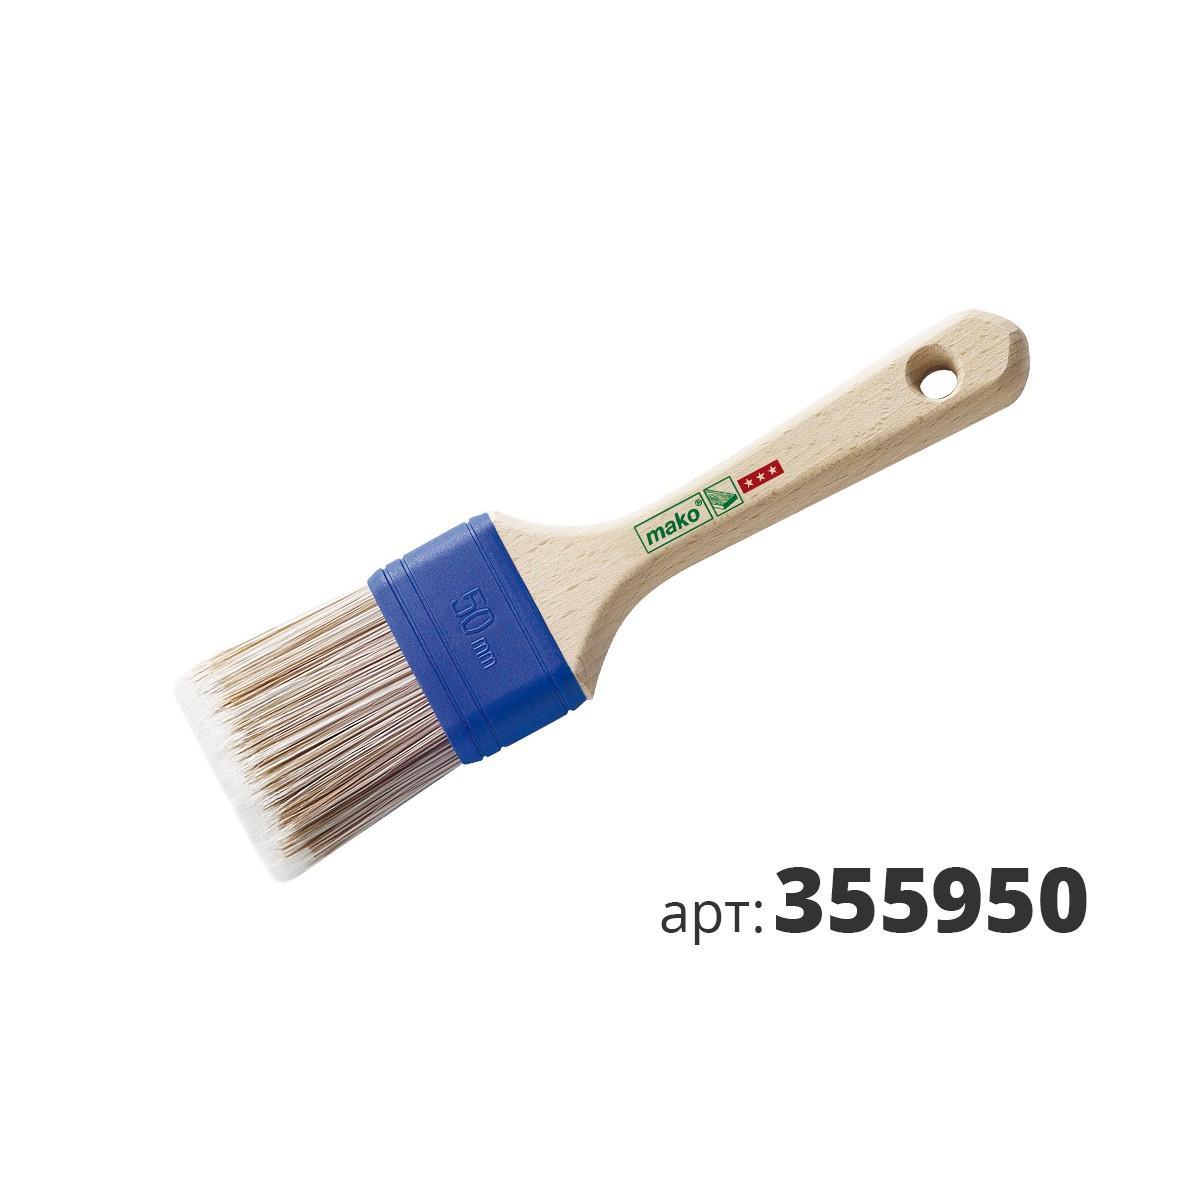 МАКО кисть для масел и воска, cпециальная смесь синтетической щетины 355950